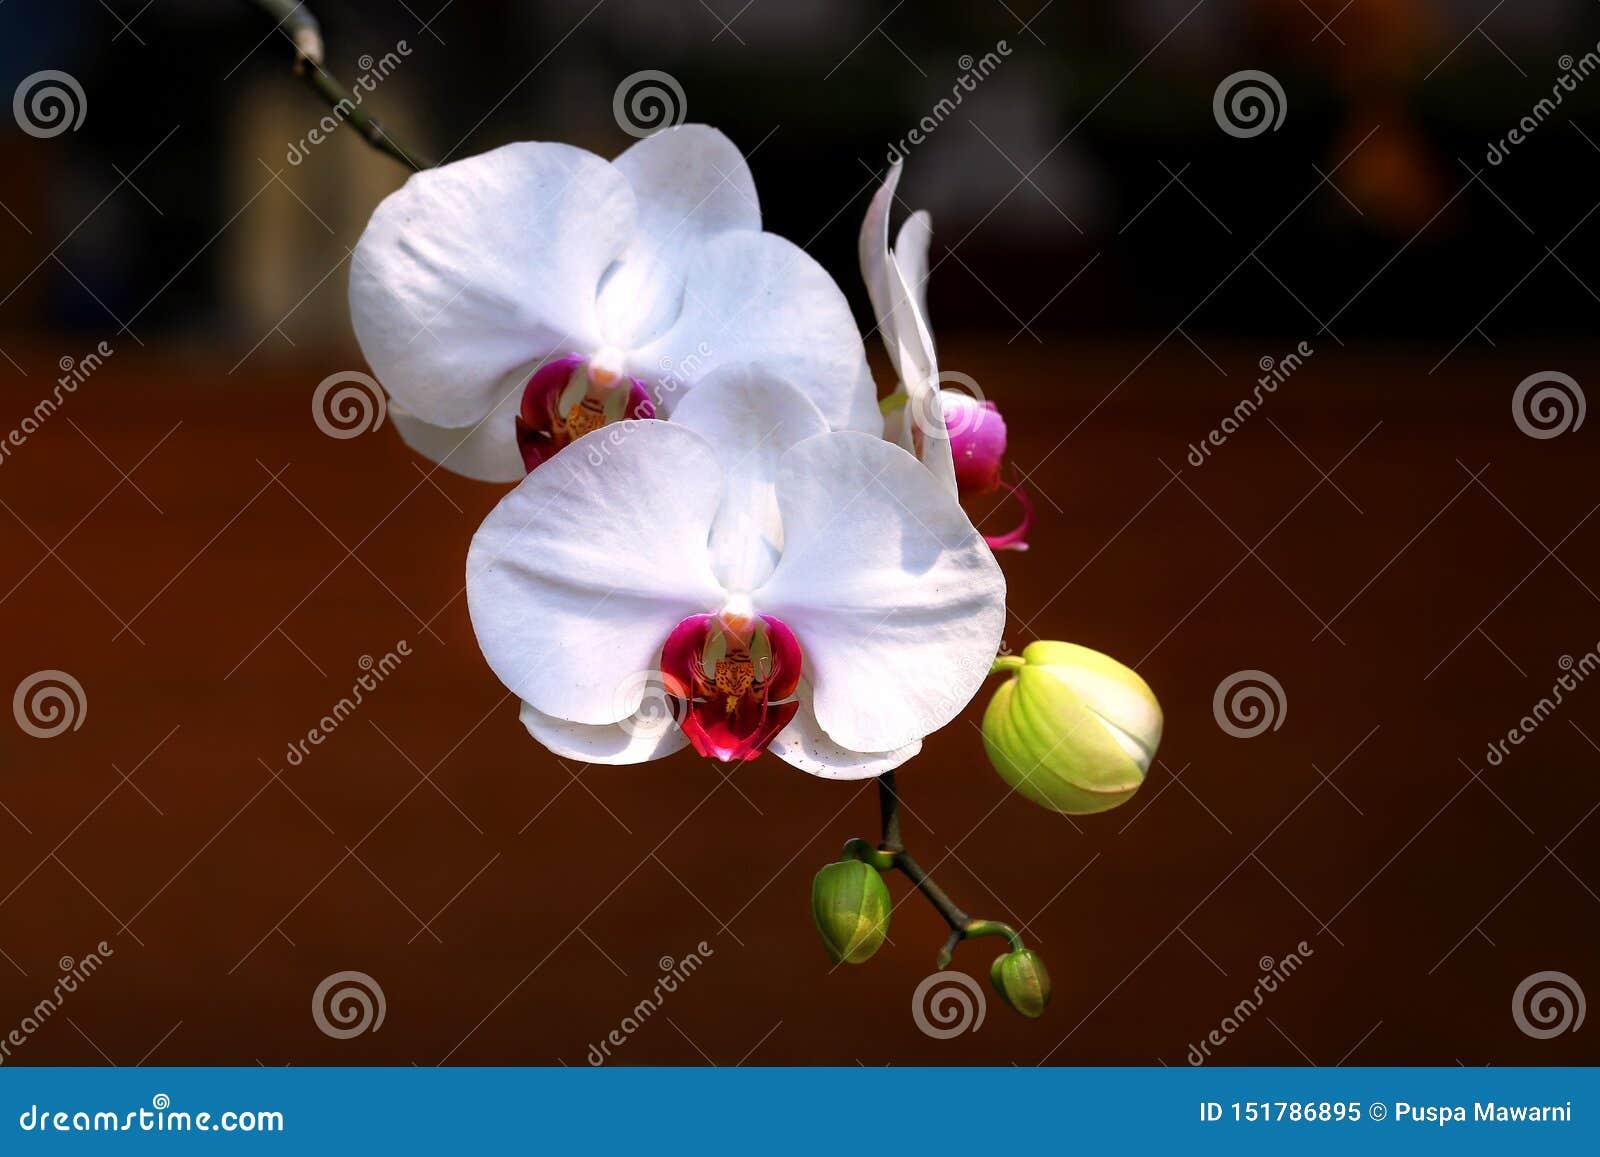 白色蝴蝶兰兰花植物Amabilis细节有模糊的背景